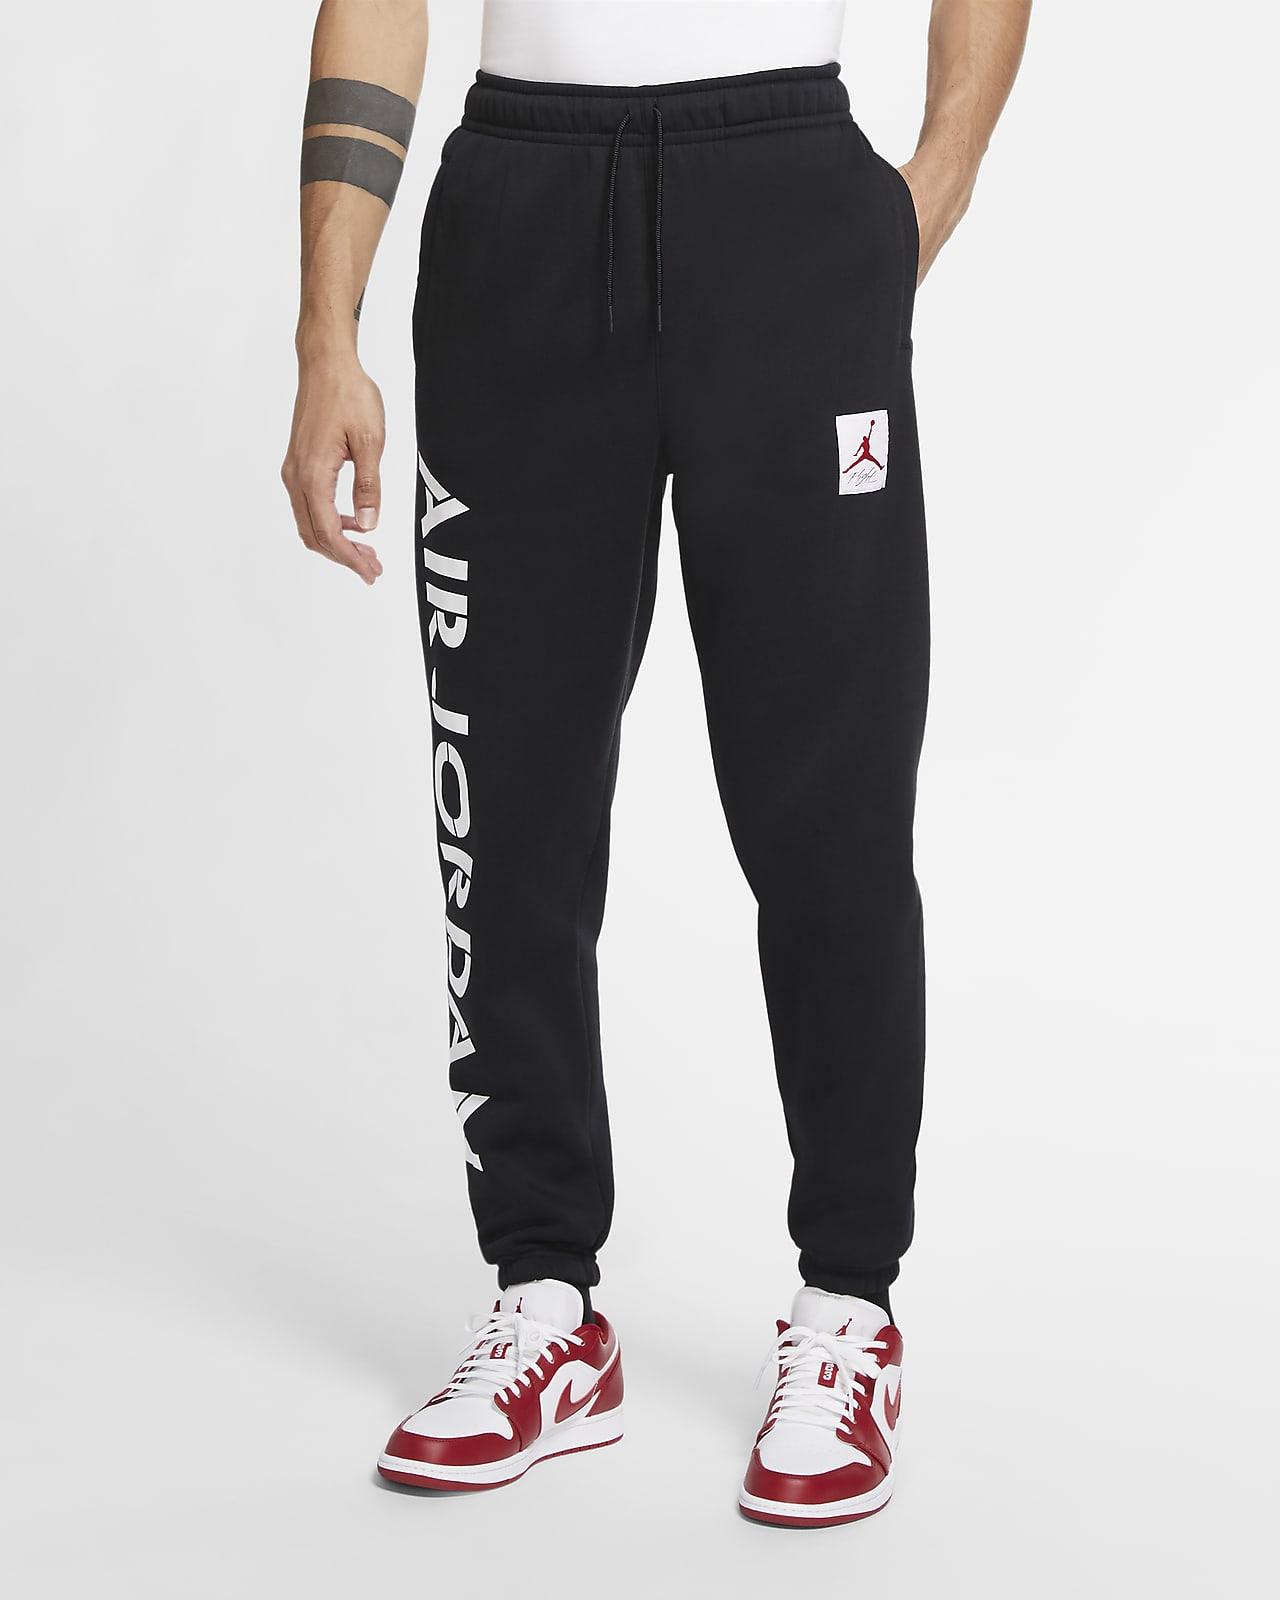 Jordan AJ4 Pantalons de teixit Fleece estampats